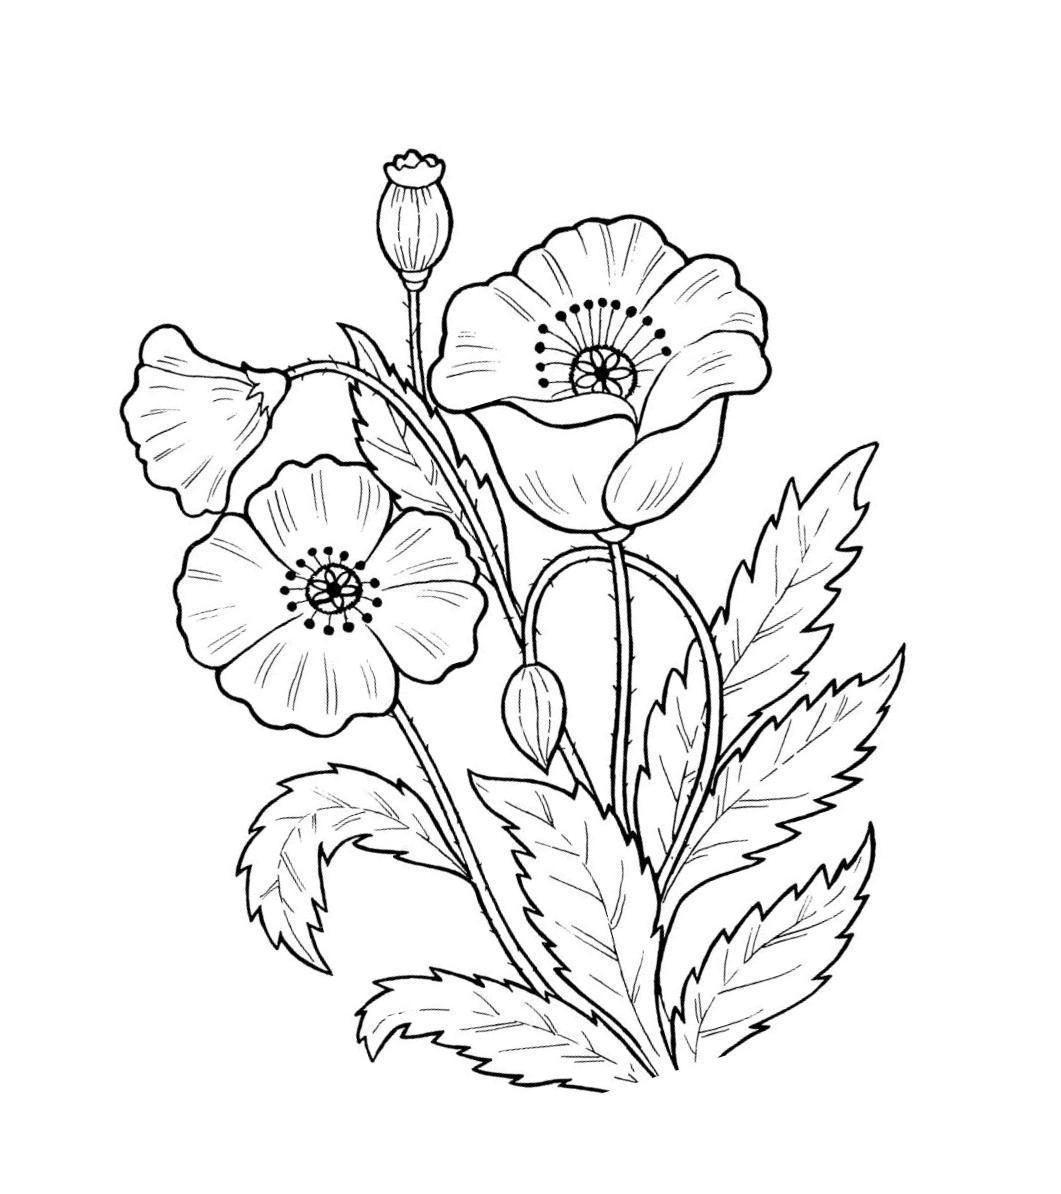 Полевые цветы Раскраски растения детская раскраска растения,  цветы раскраски цветы